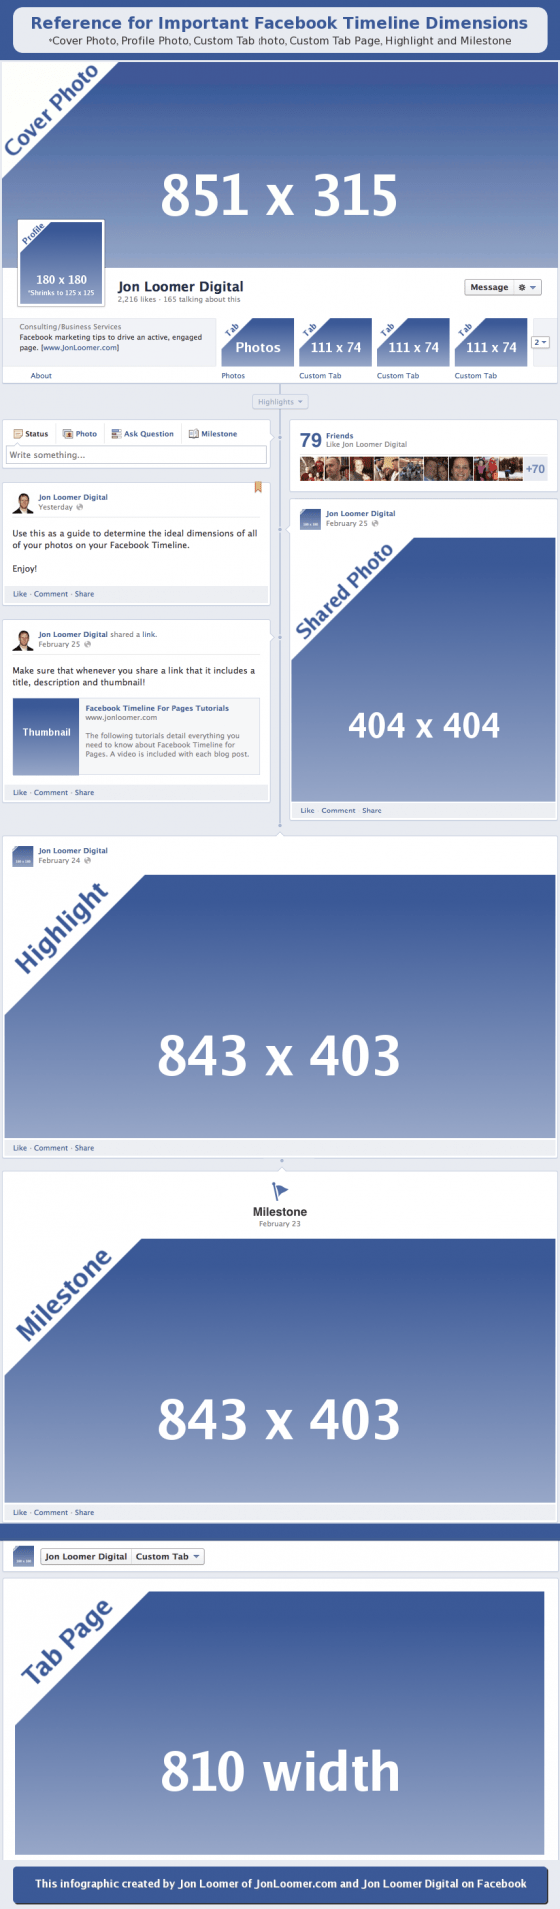 dimensiones de timeline de facebook